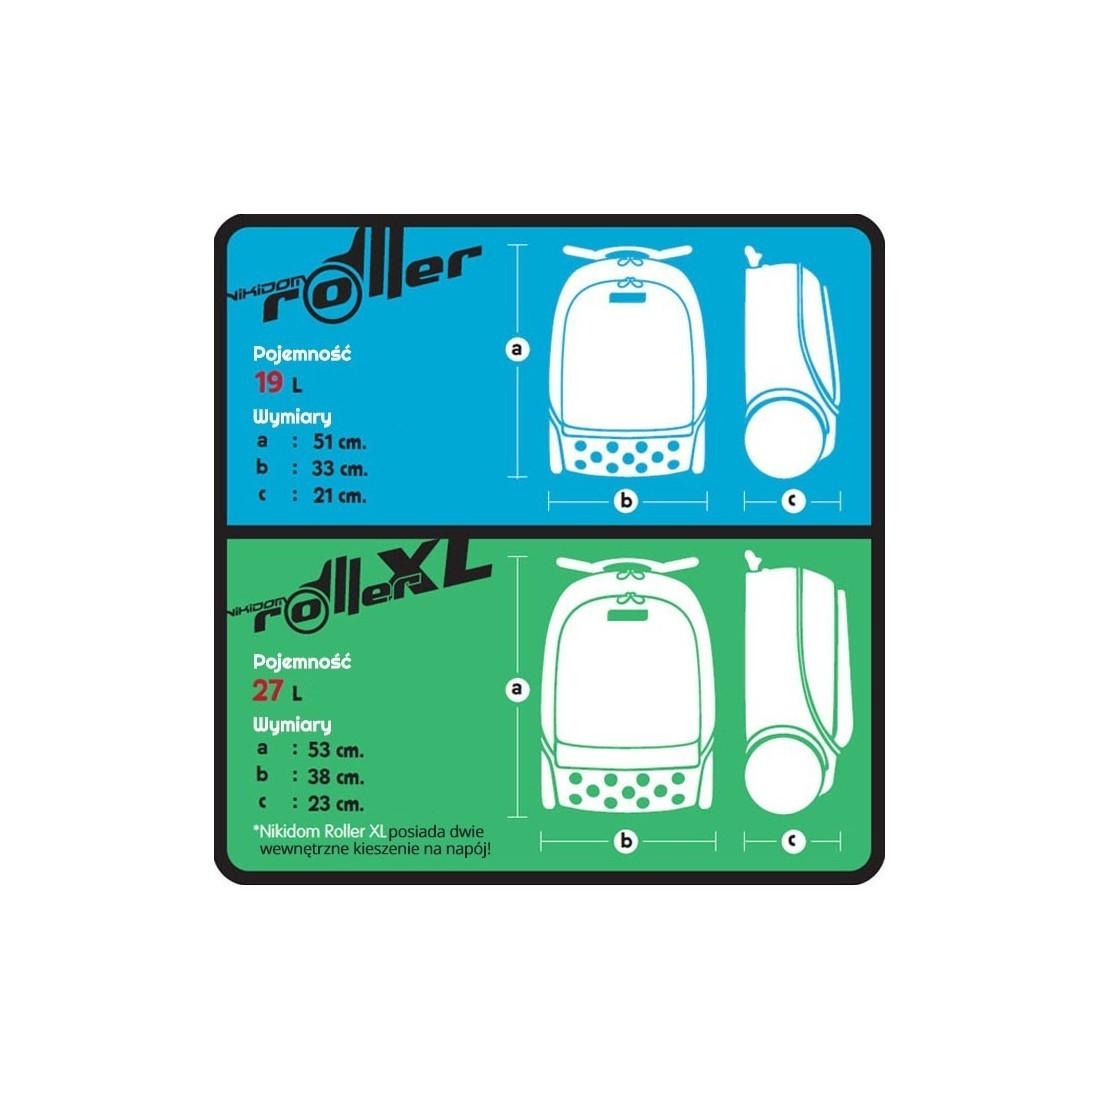 Plecak na kołkach bez szelek Roller XL Blackout dla chłopaka - plecak-tornister.pl